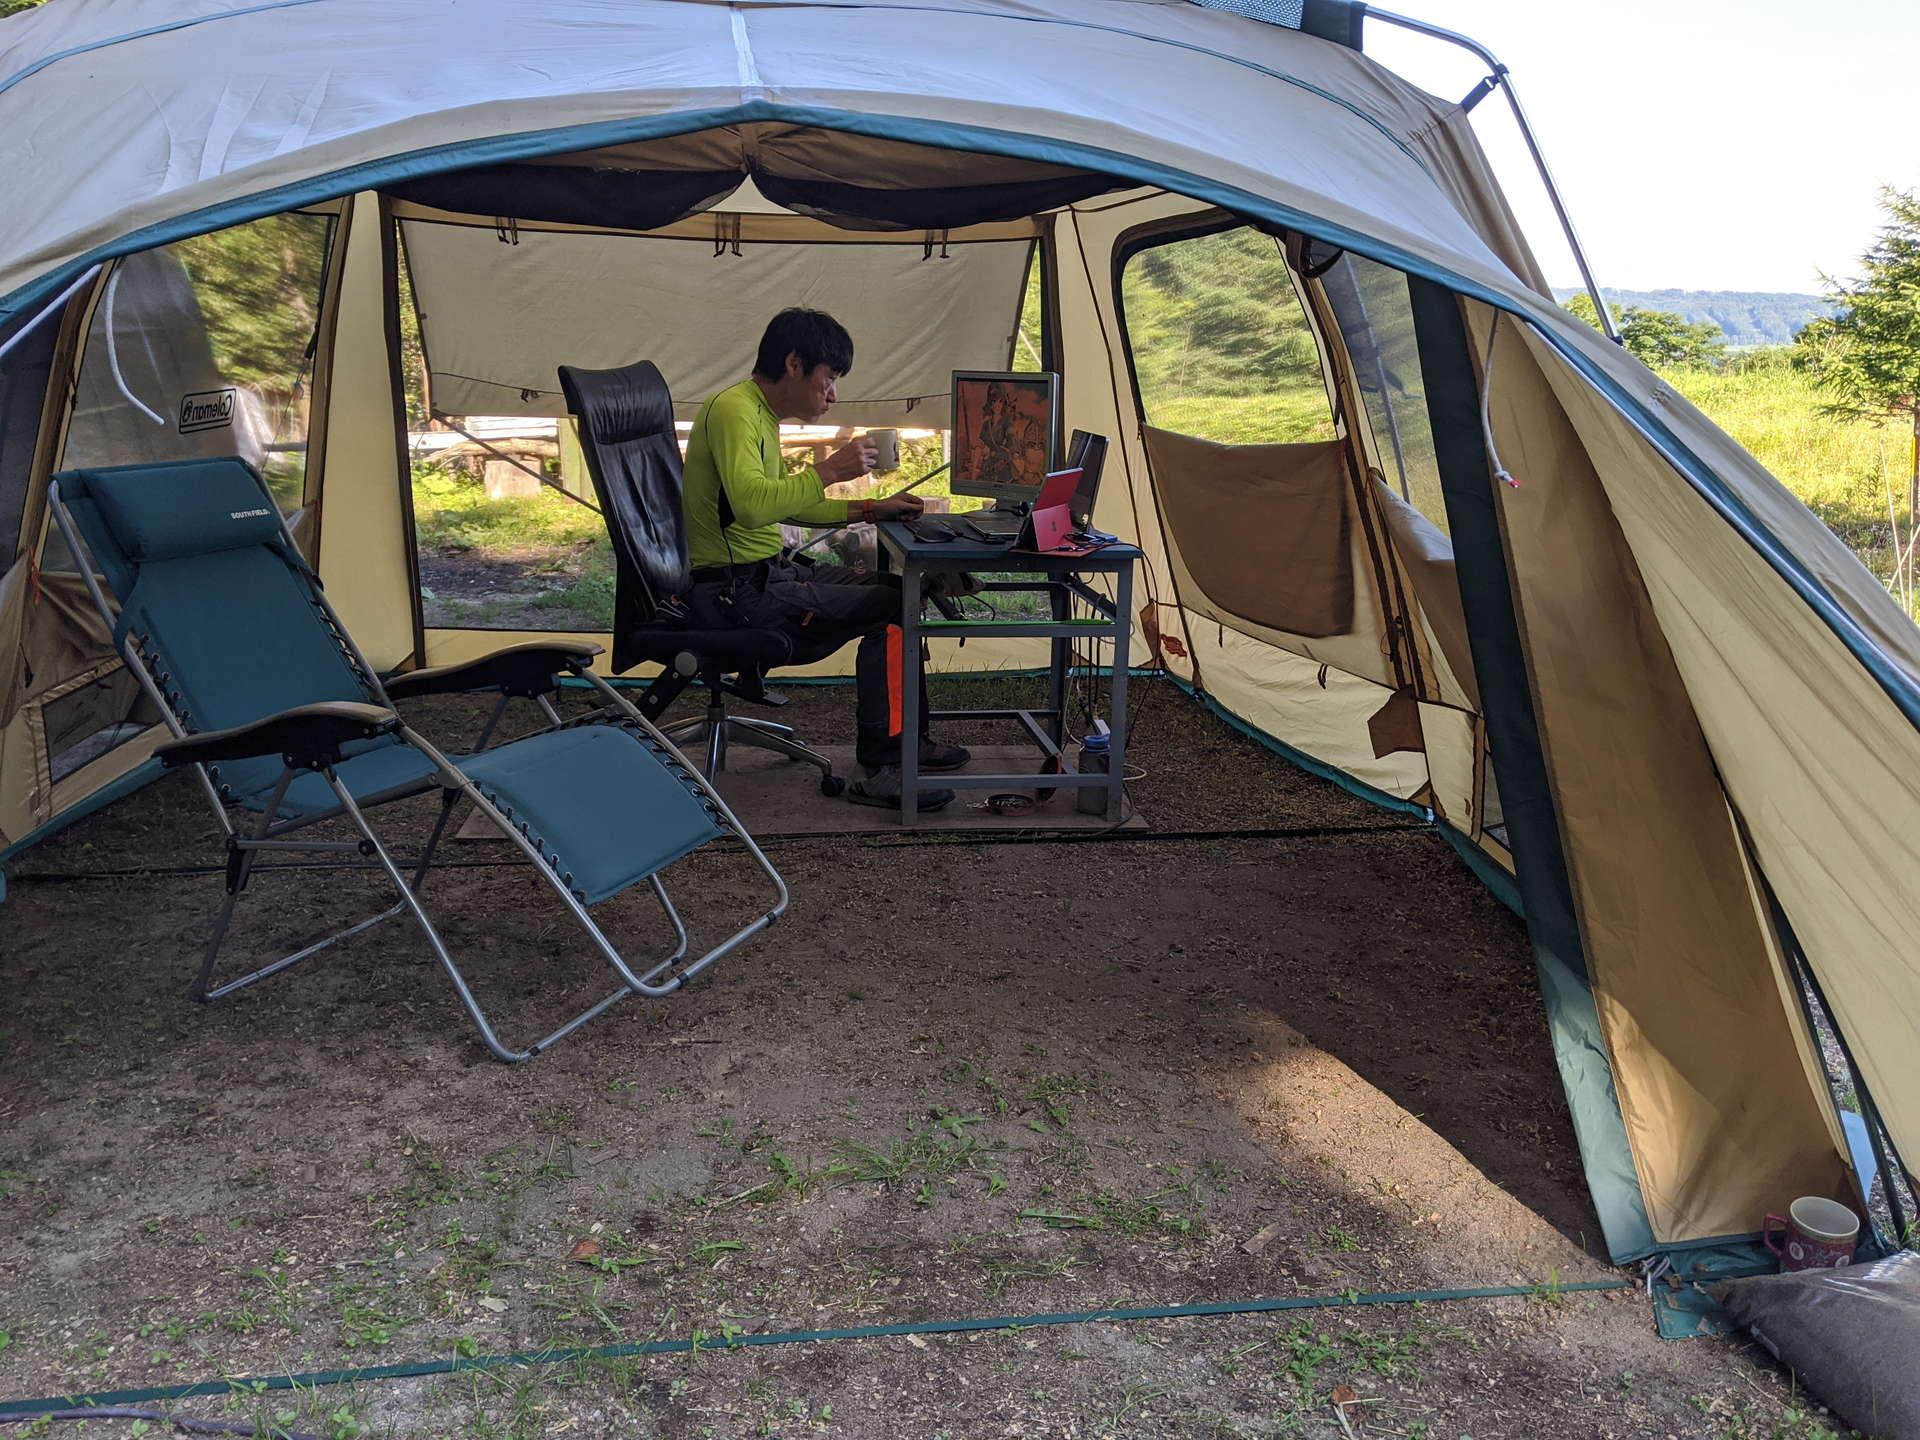 夏のテント事務所(ワーケーション)